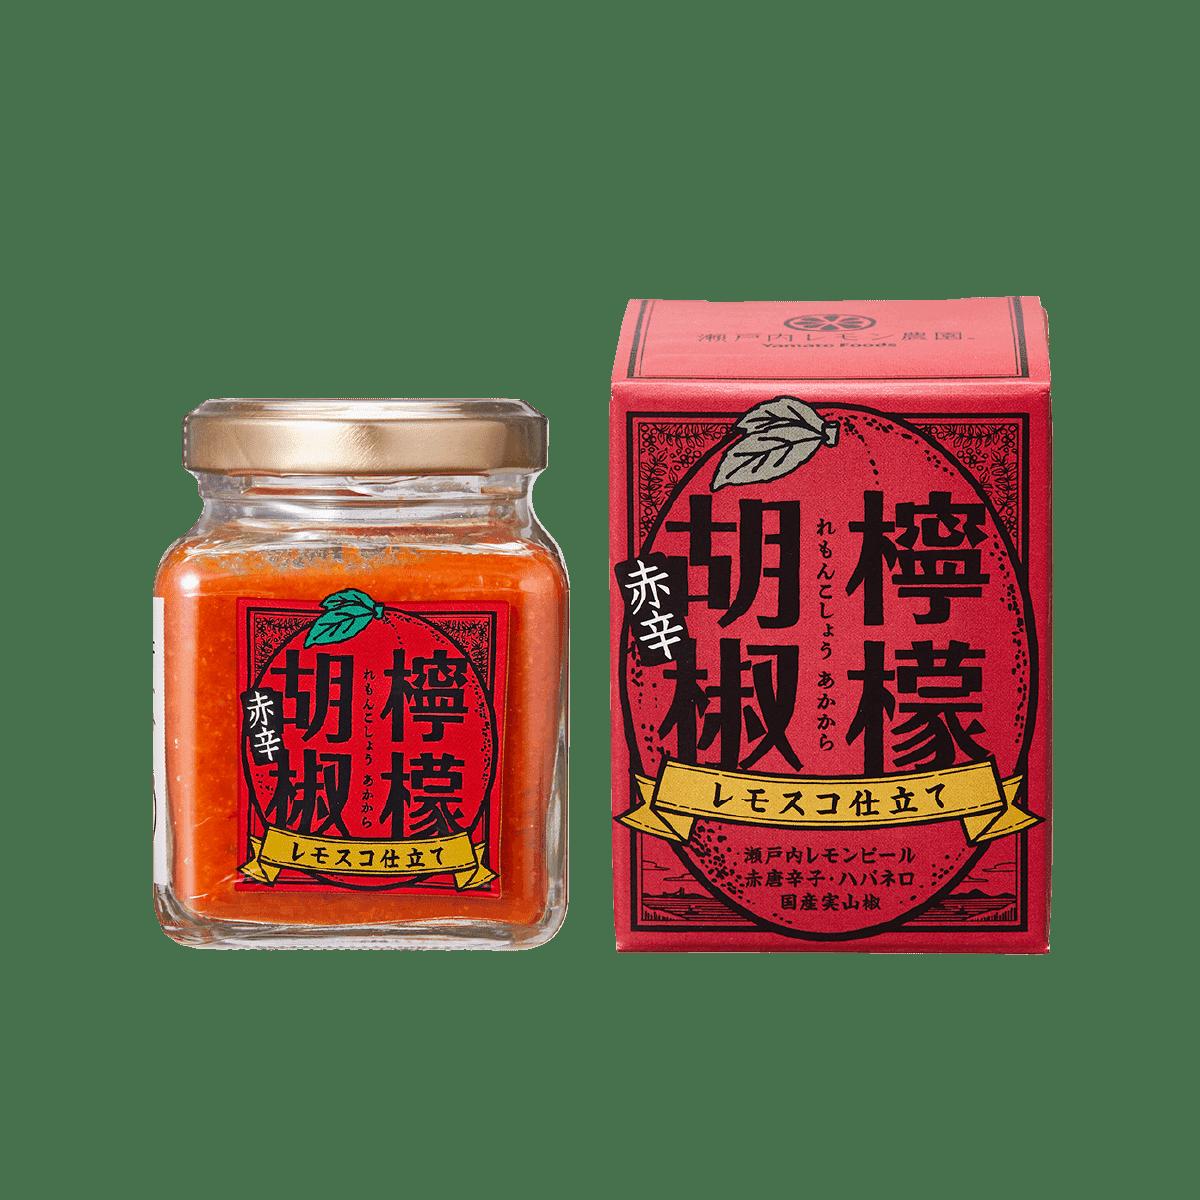 檸檬胡椒(赤辛)